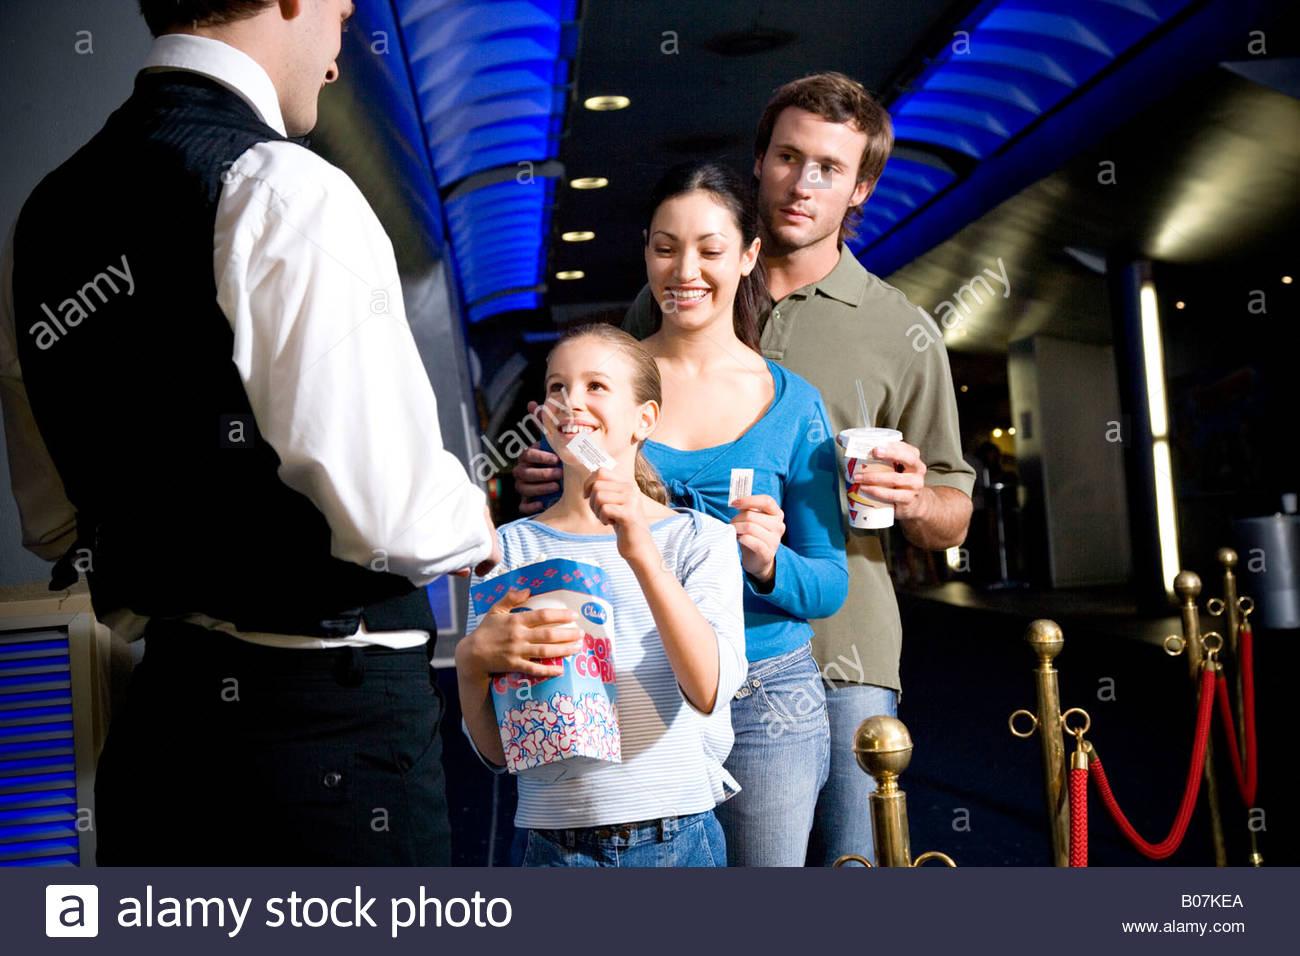 La famiglia presso il cinema di consegnare i biglietti per la usher Immagini Stock